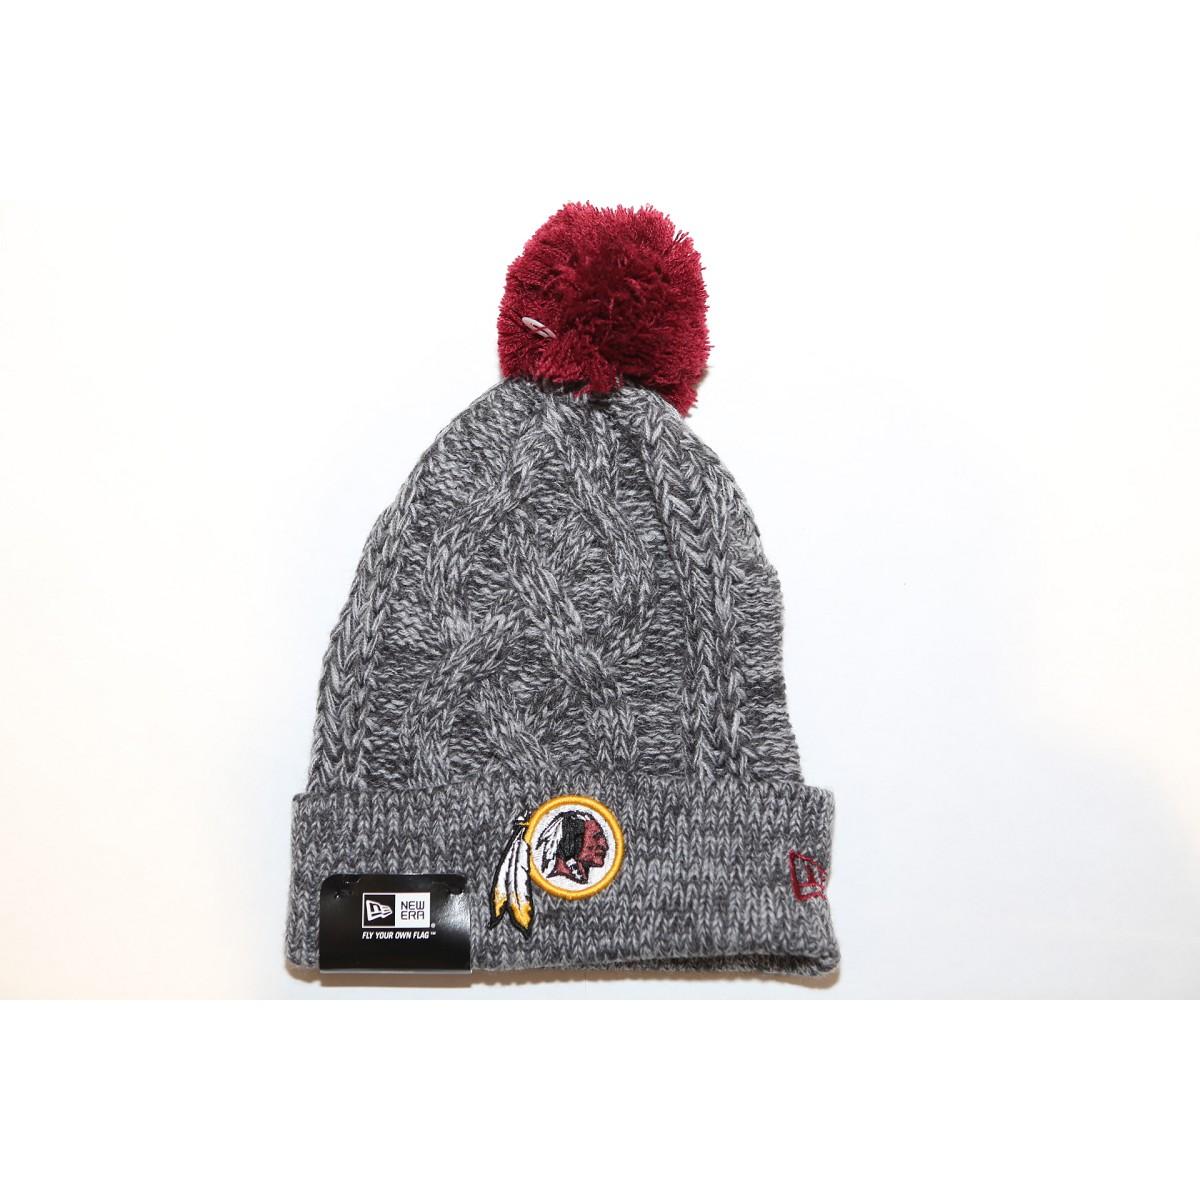 Acquista cappelli invernali new york - OFF73% sconti 42b756a84136